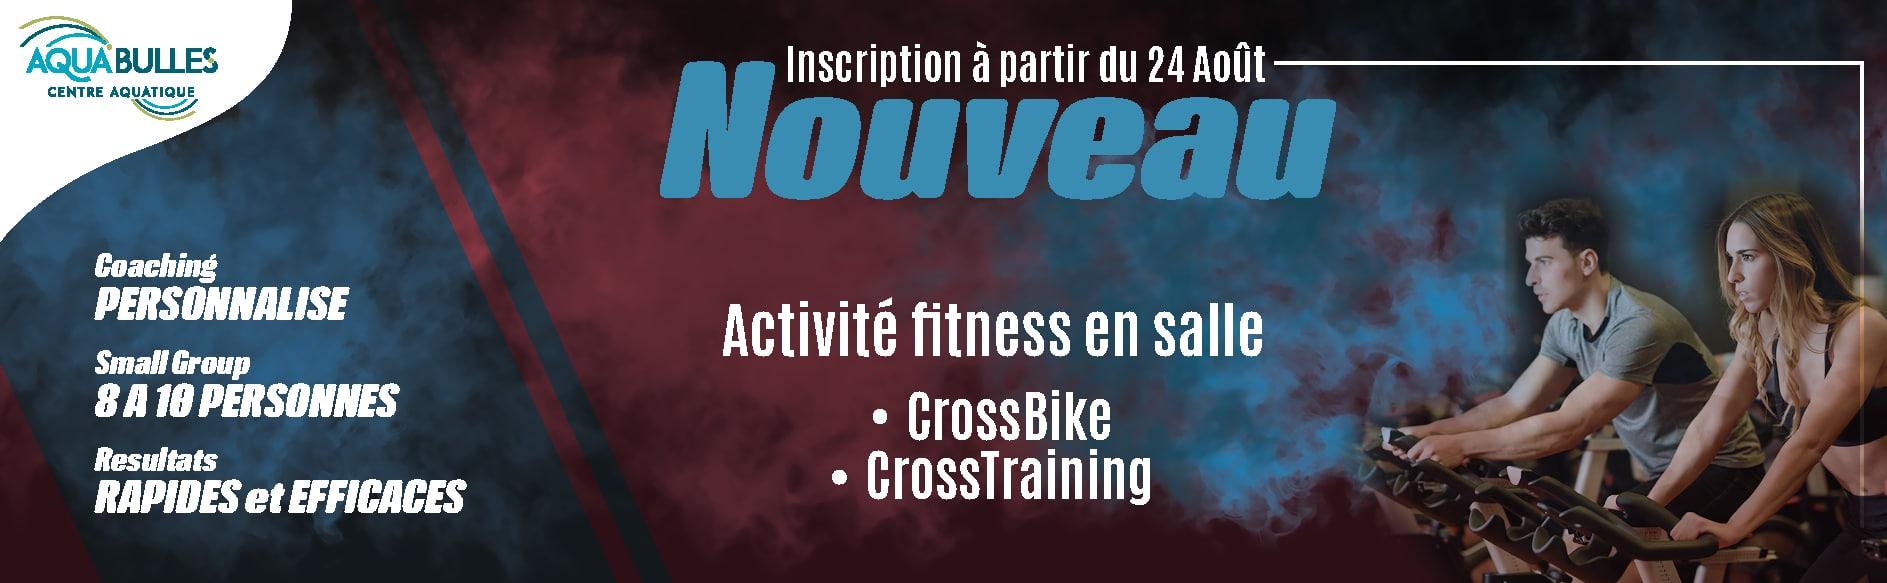 Inscriptions fitness AquaBulles